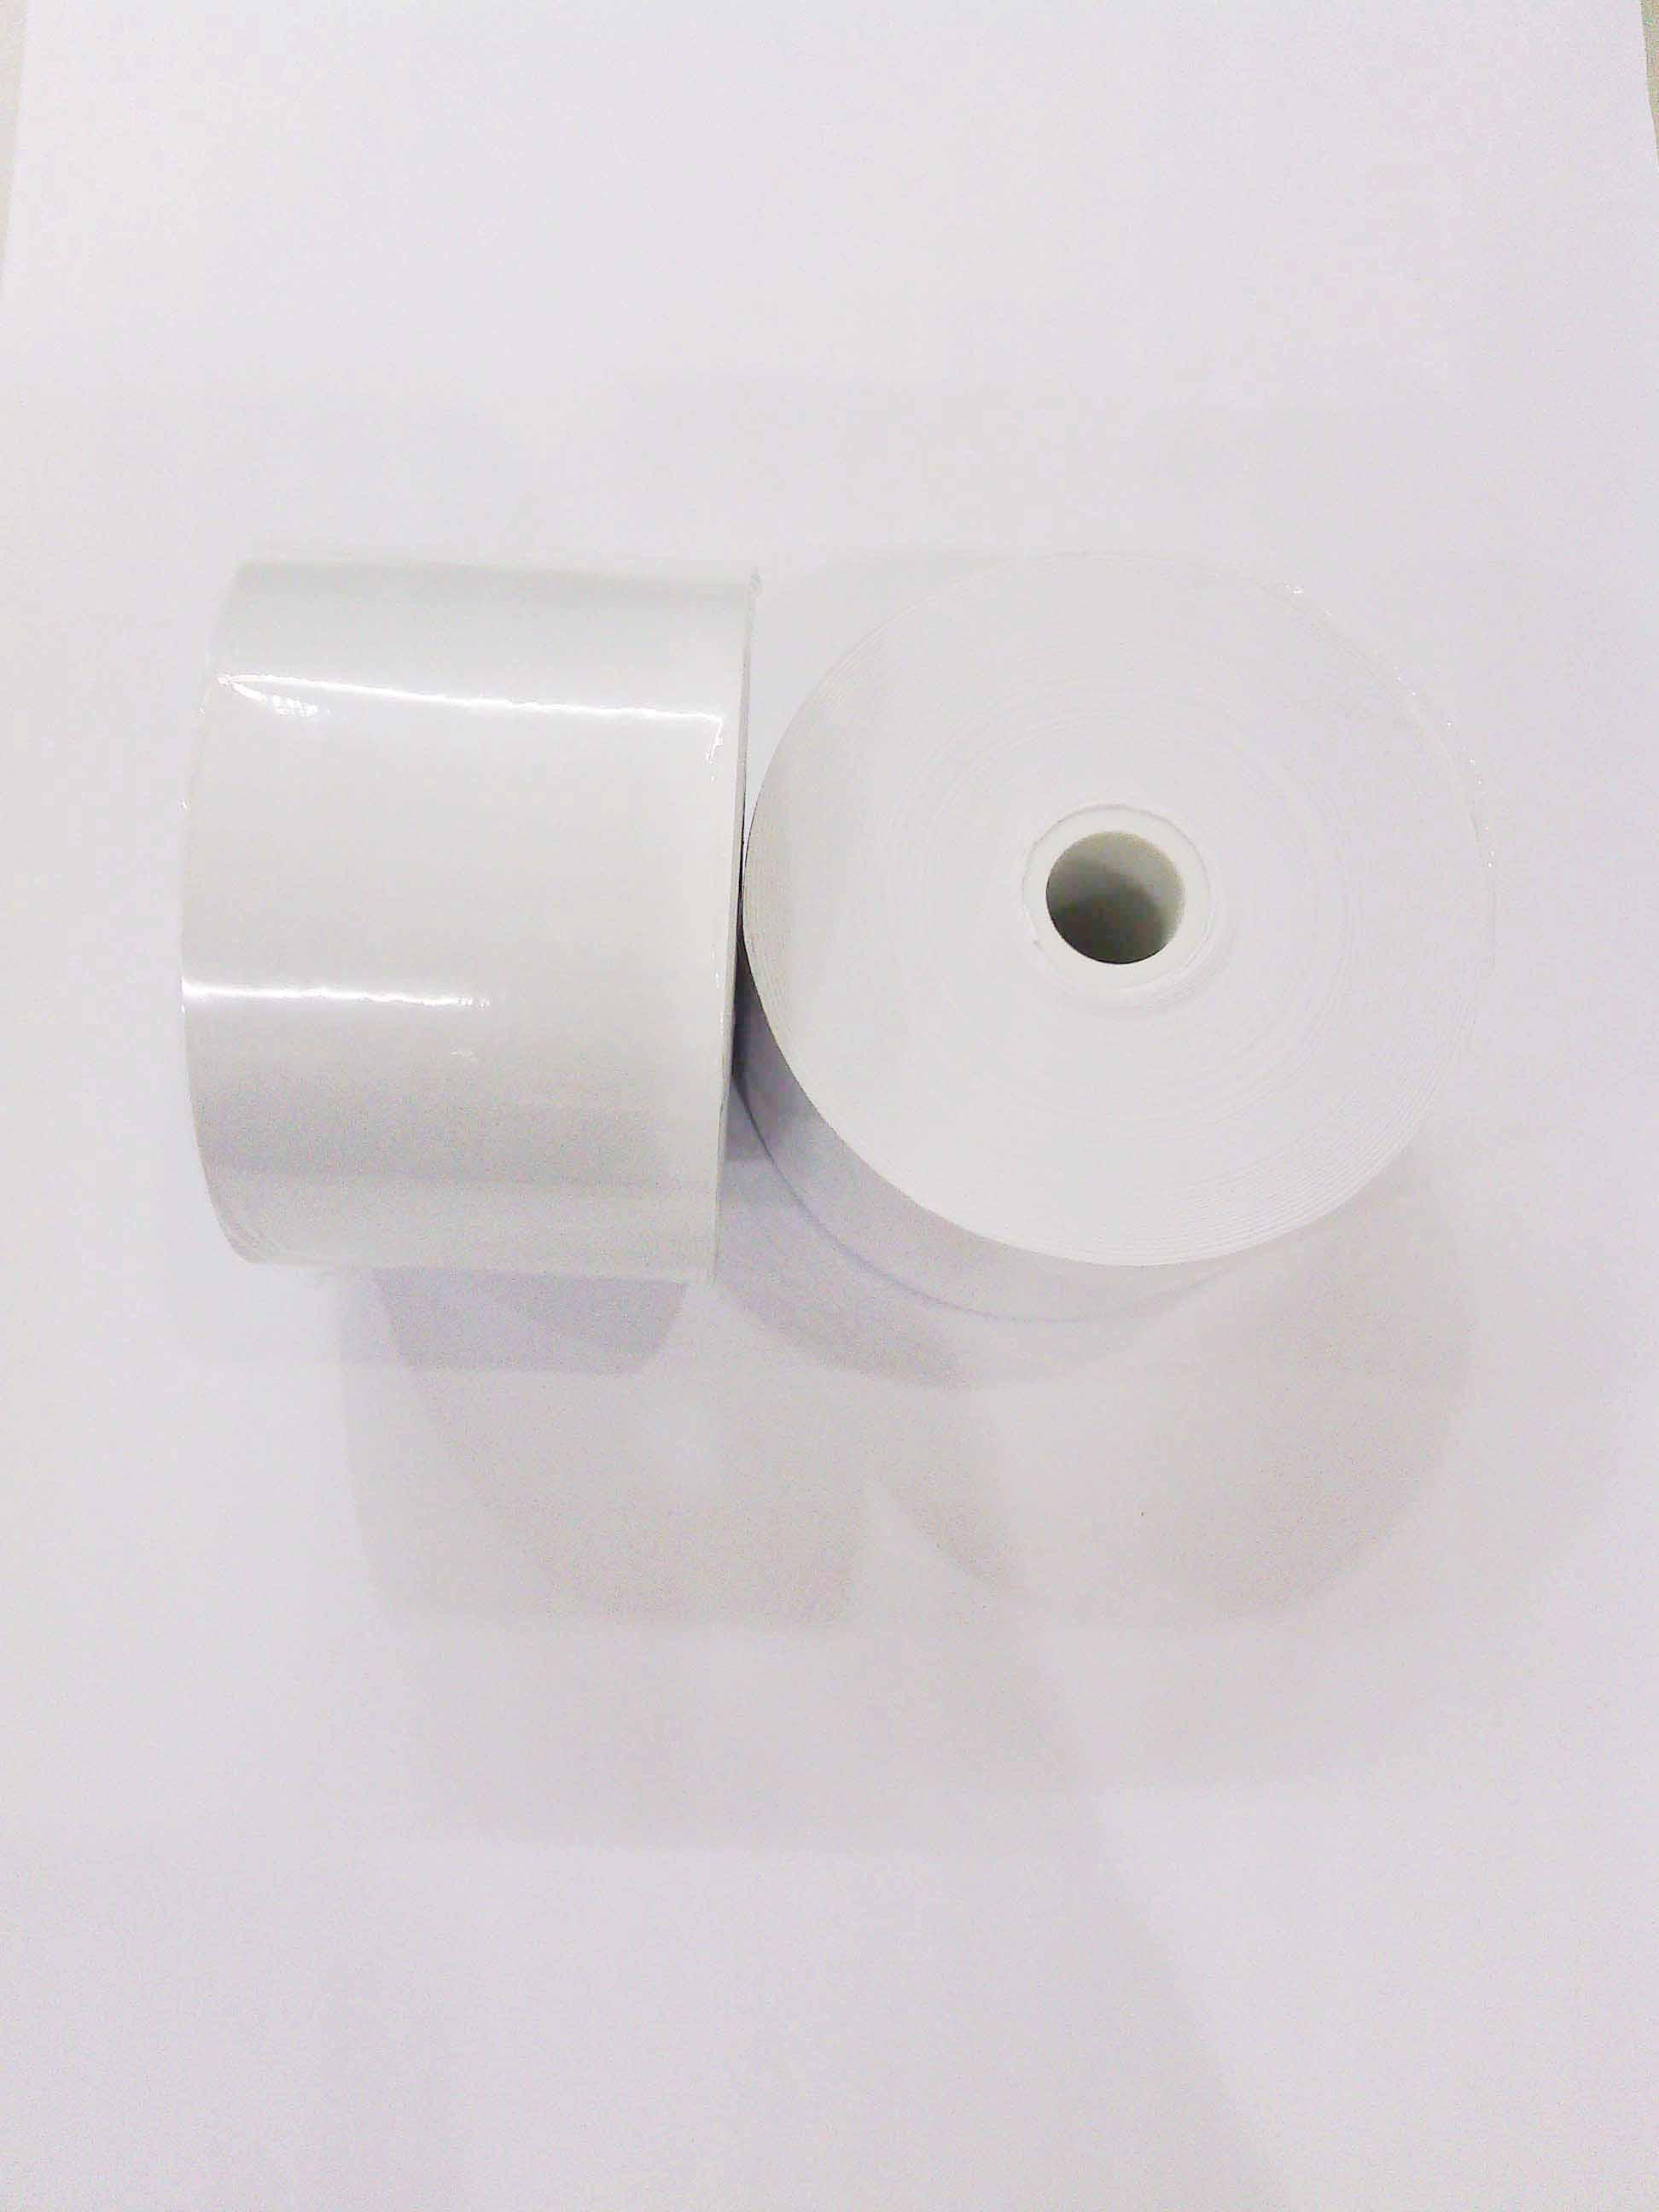 57*60*12mm (200卷)收銀收據機結帳空白紙捲 - 限時優惠好康折扣